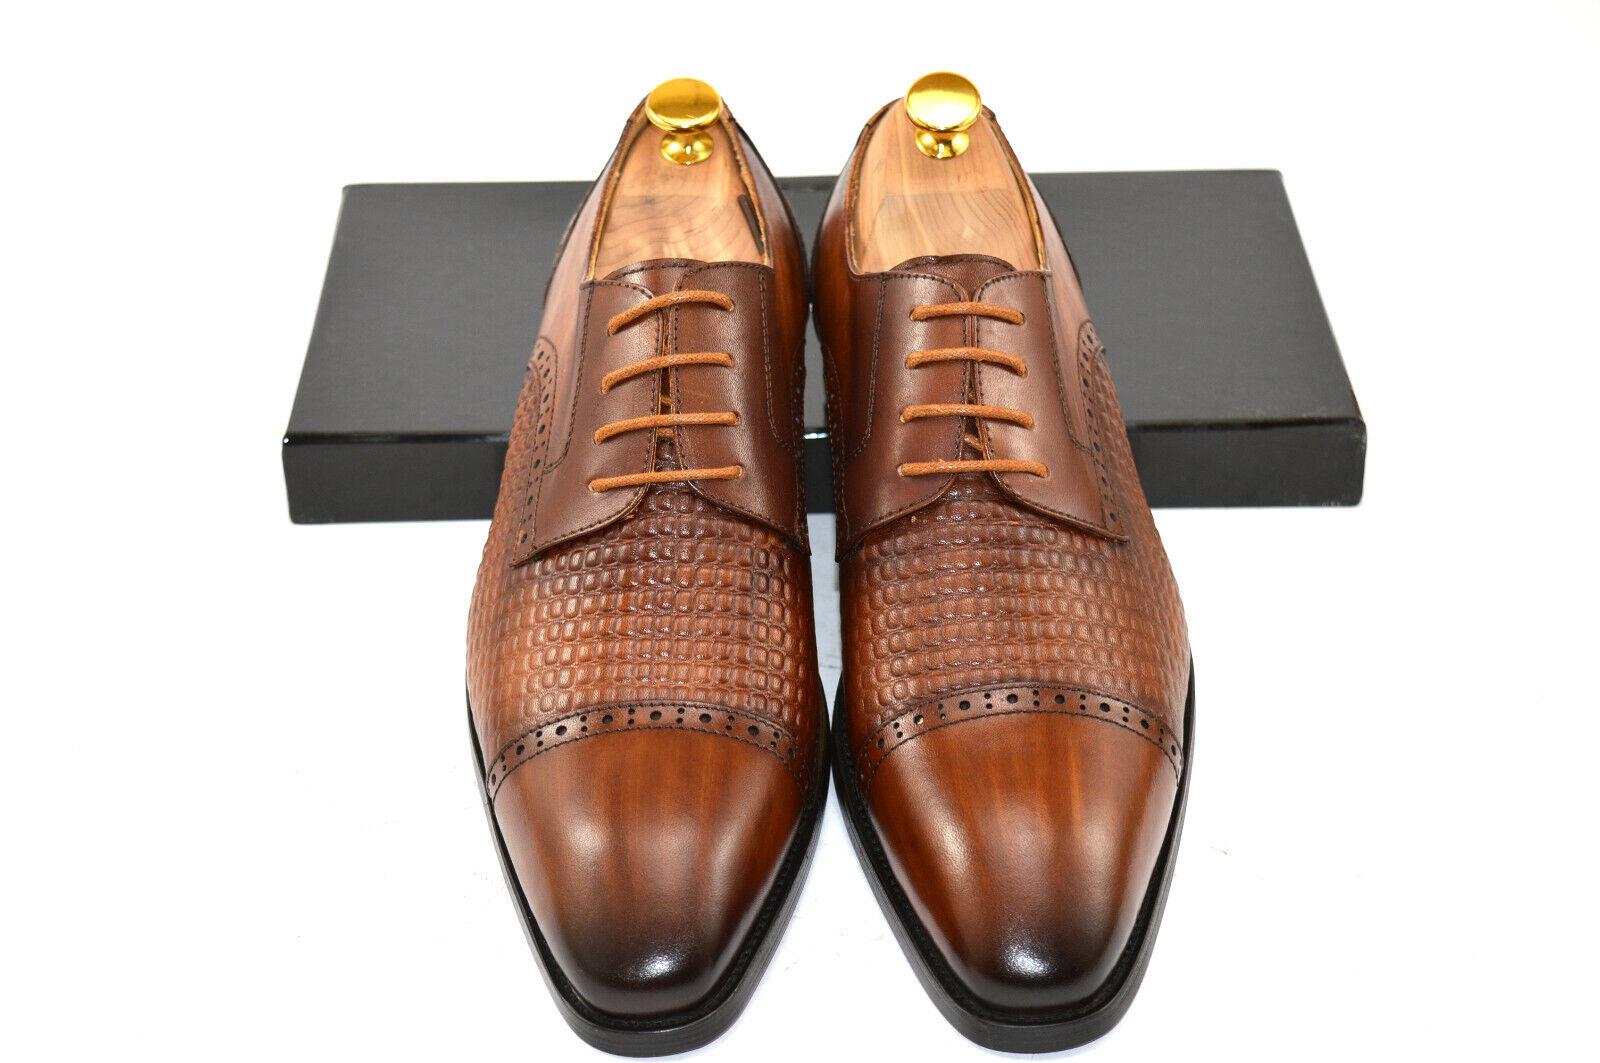 Herren Businesschuhe Handmade Echtleder braun Halbschuhe Gr. 41-45 Oxford